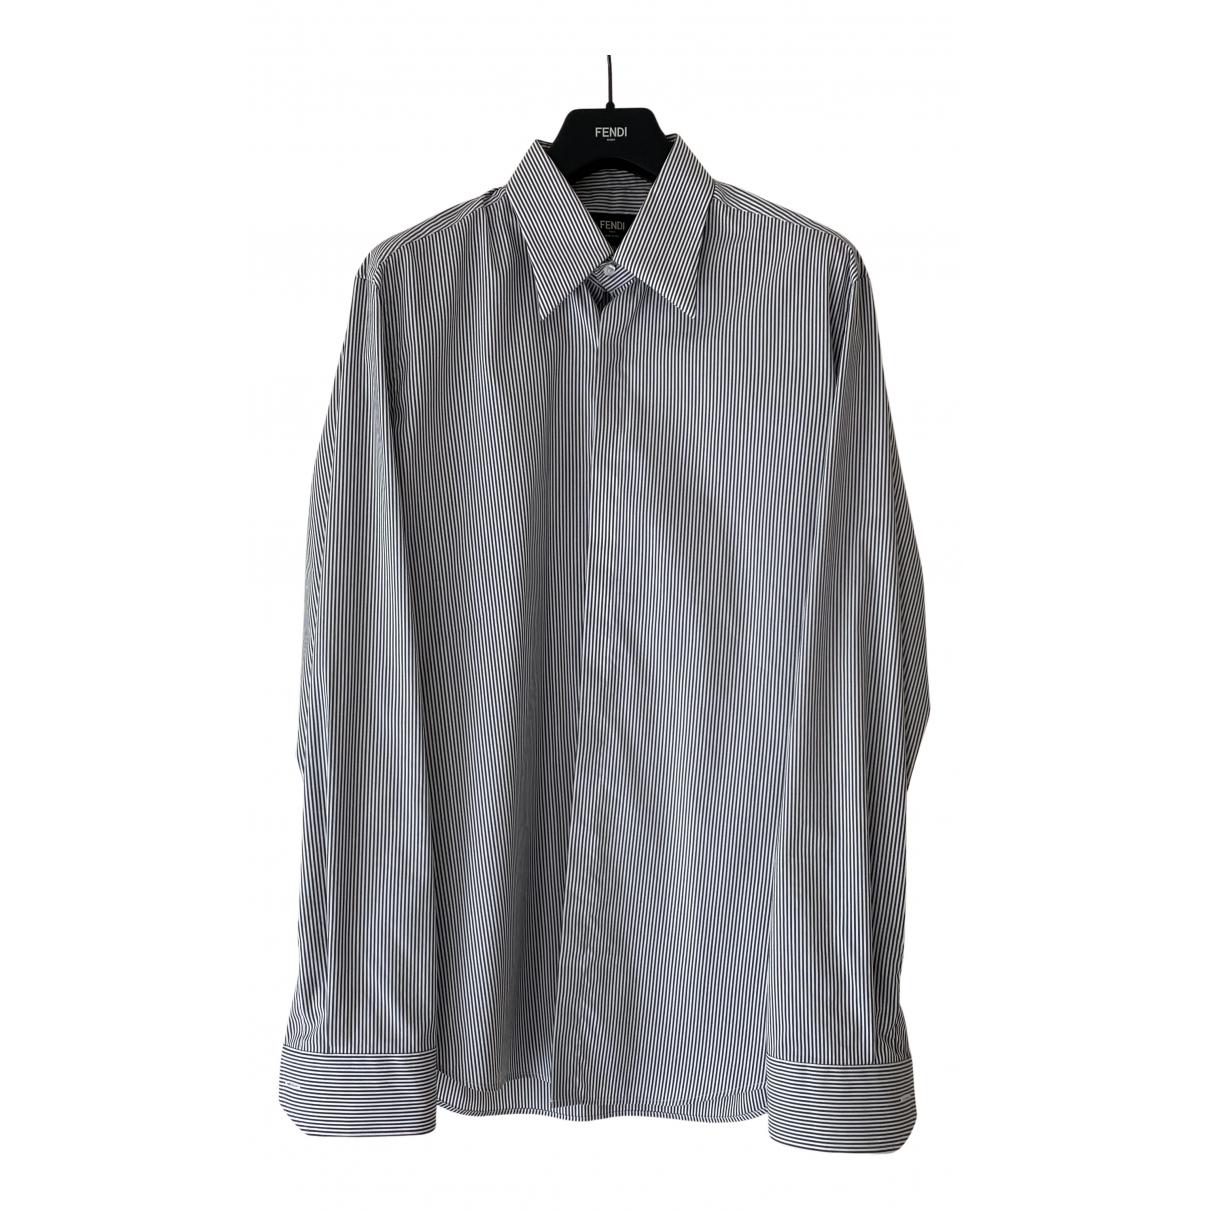 Fendi \N Hemden in  Grau Baumwolle